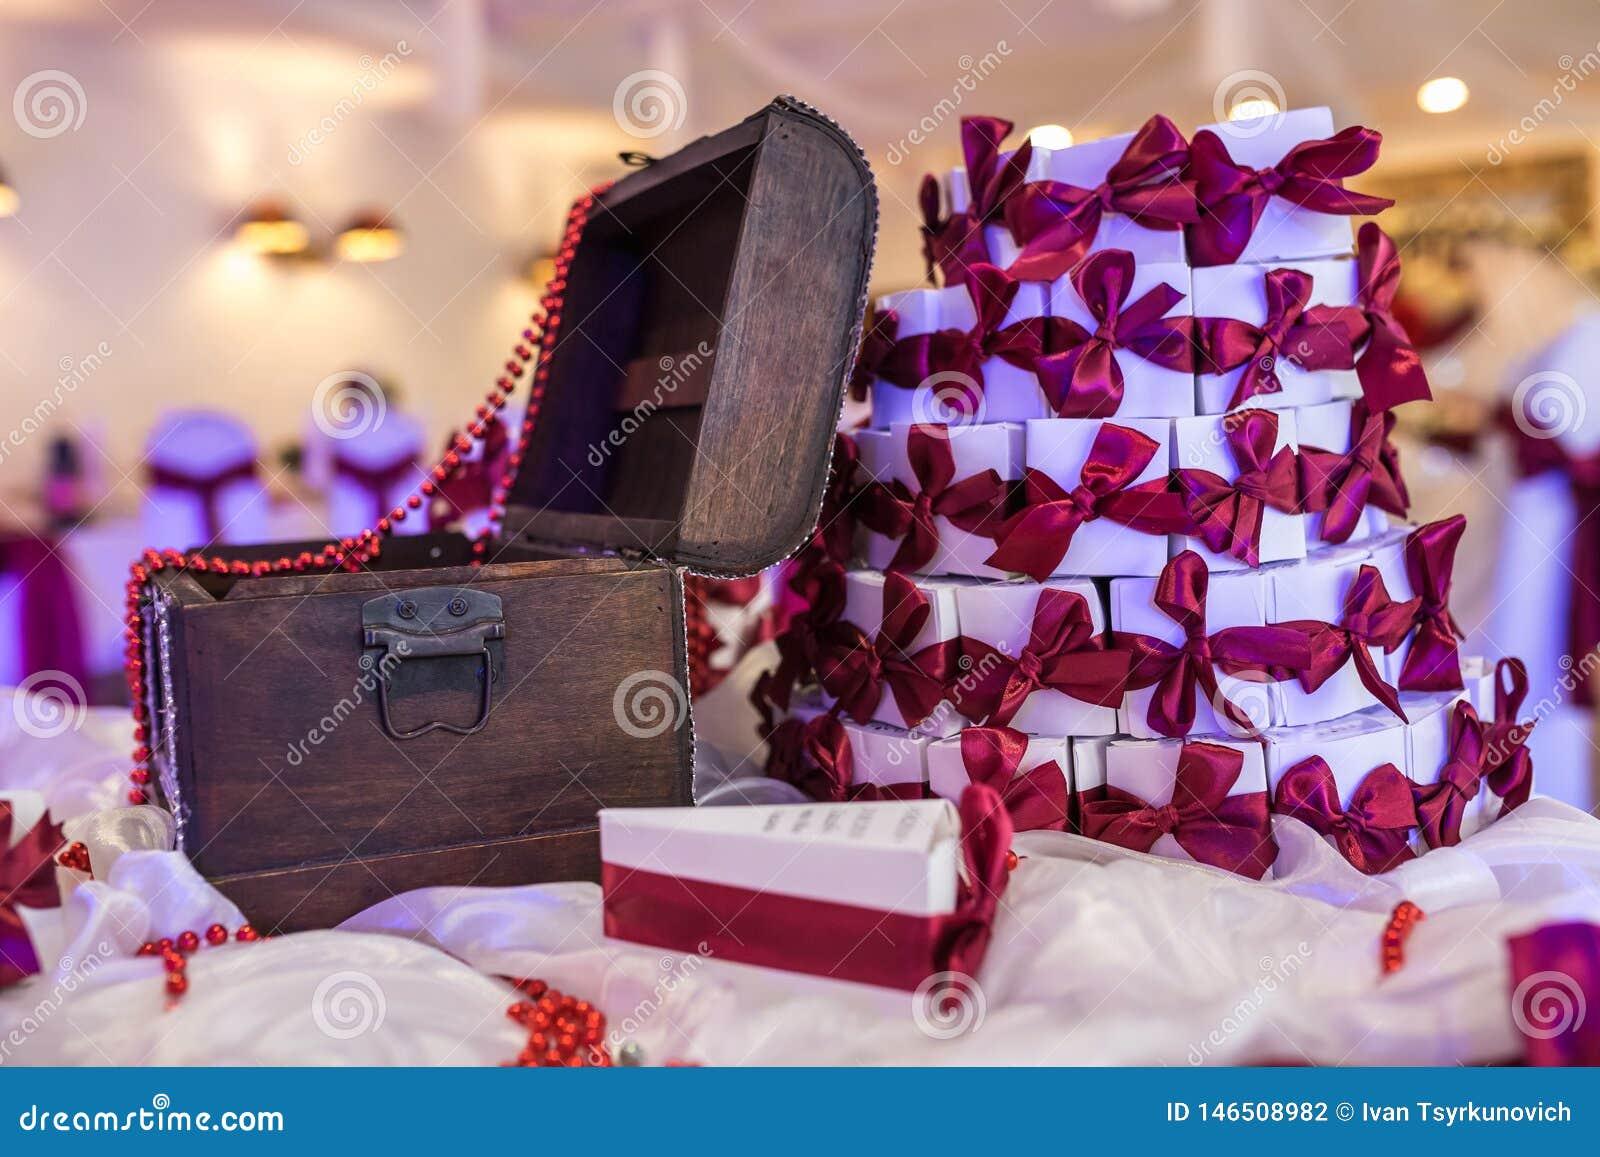 Coffre en bois sur la table avec une nappe violette et de petits cadeaux pour des invités des nouveaux mariés